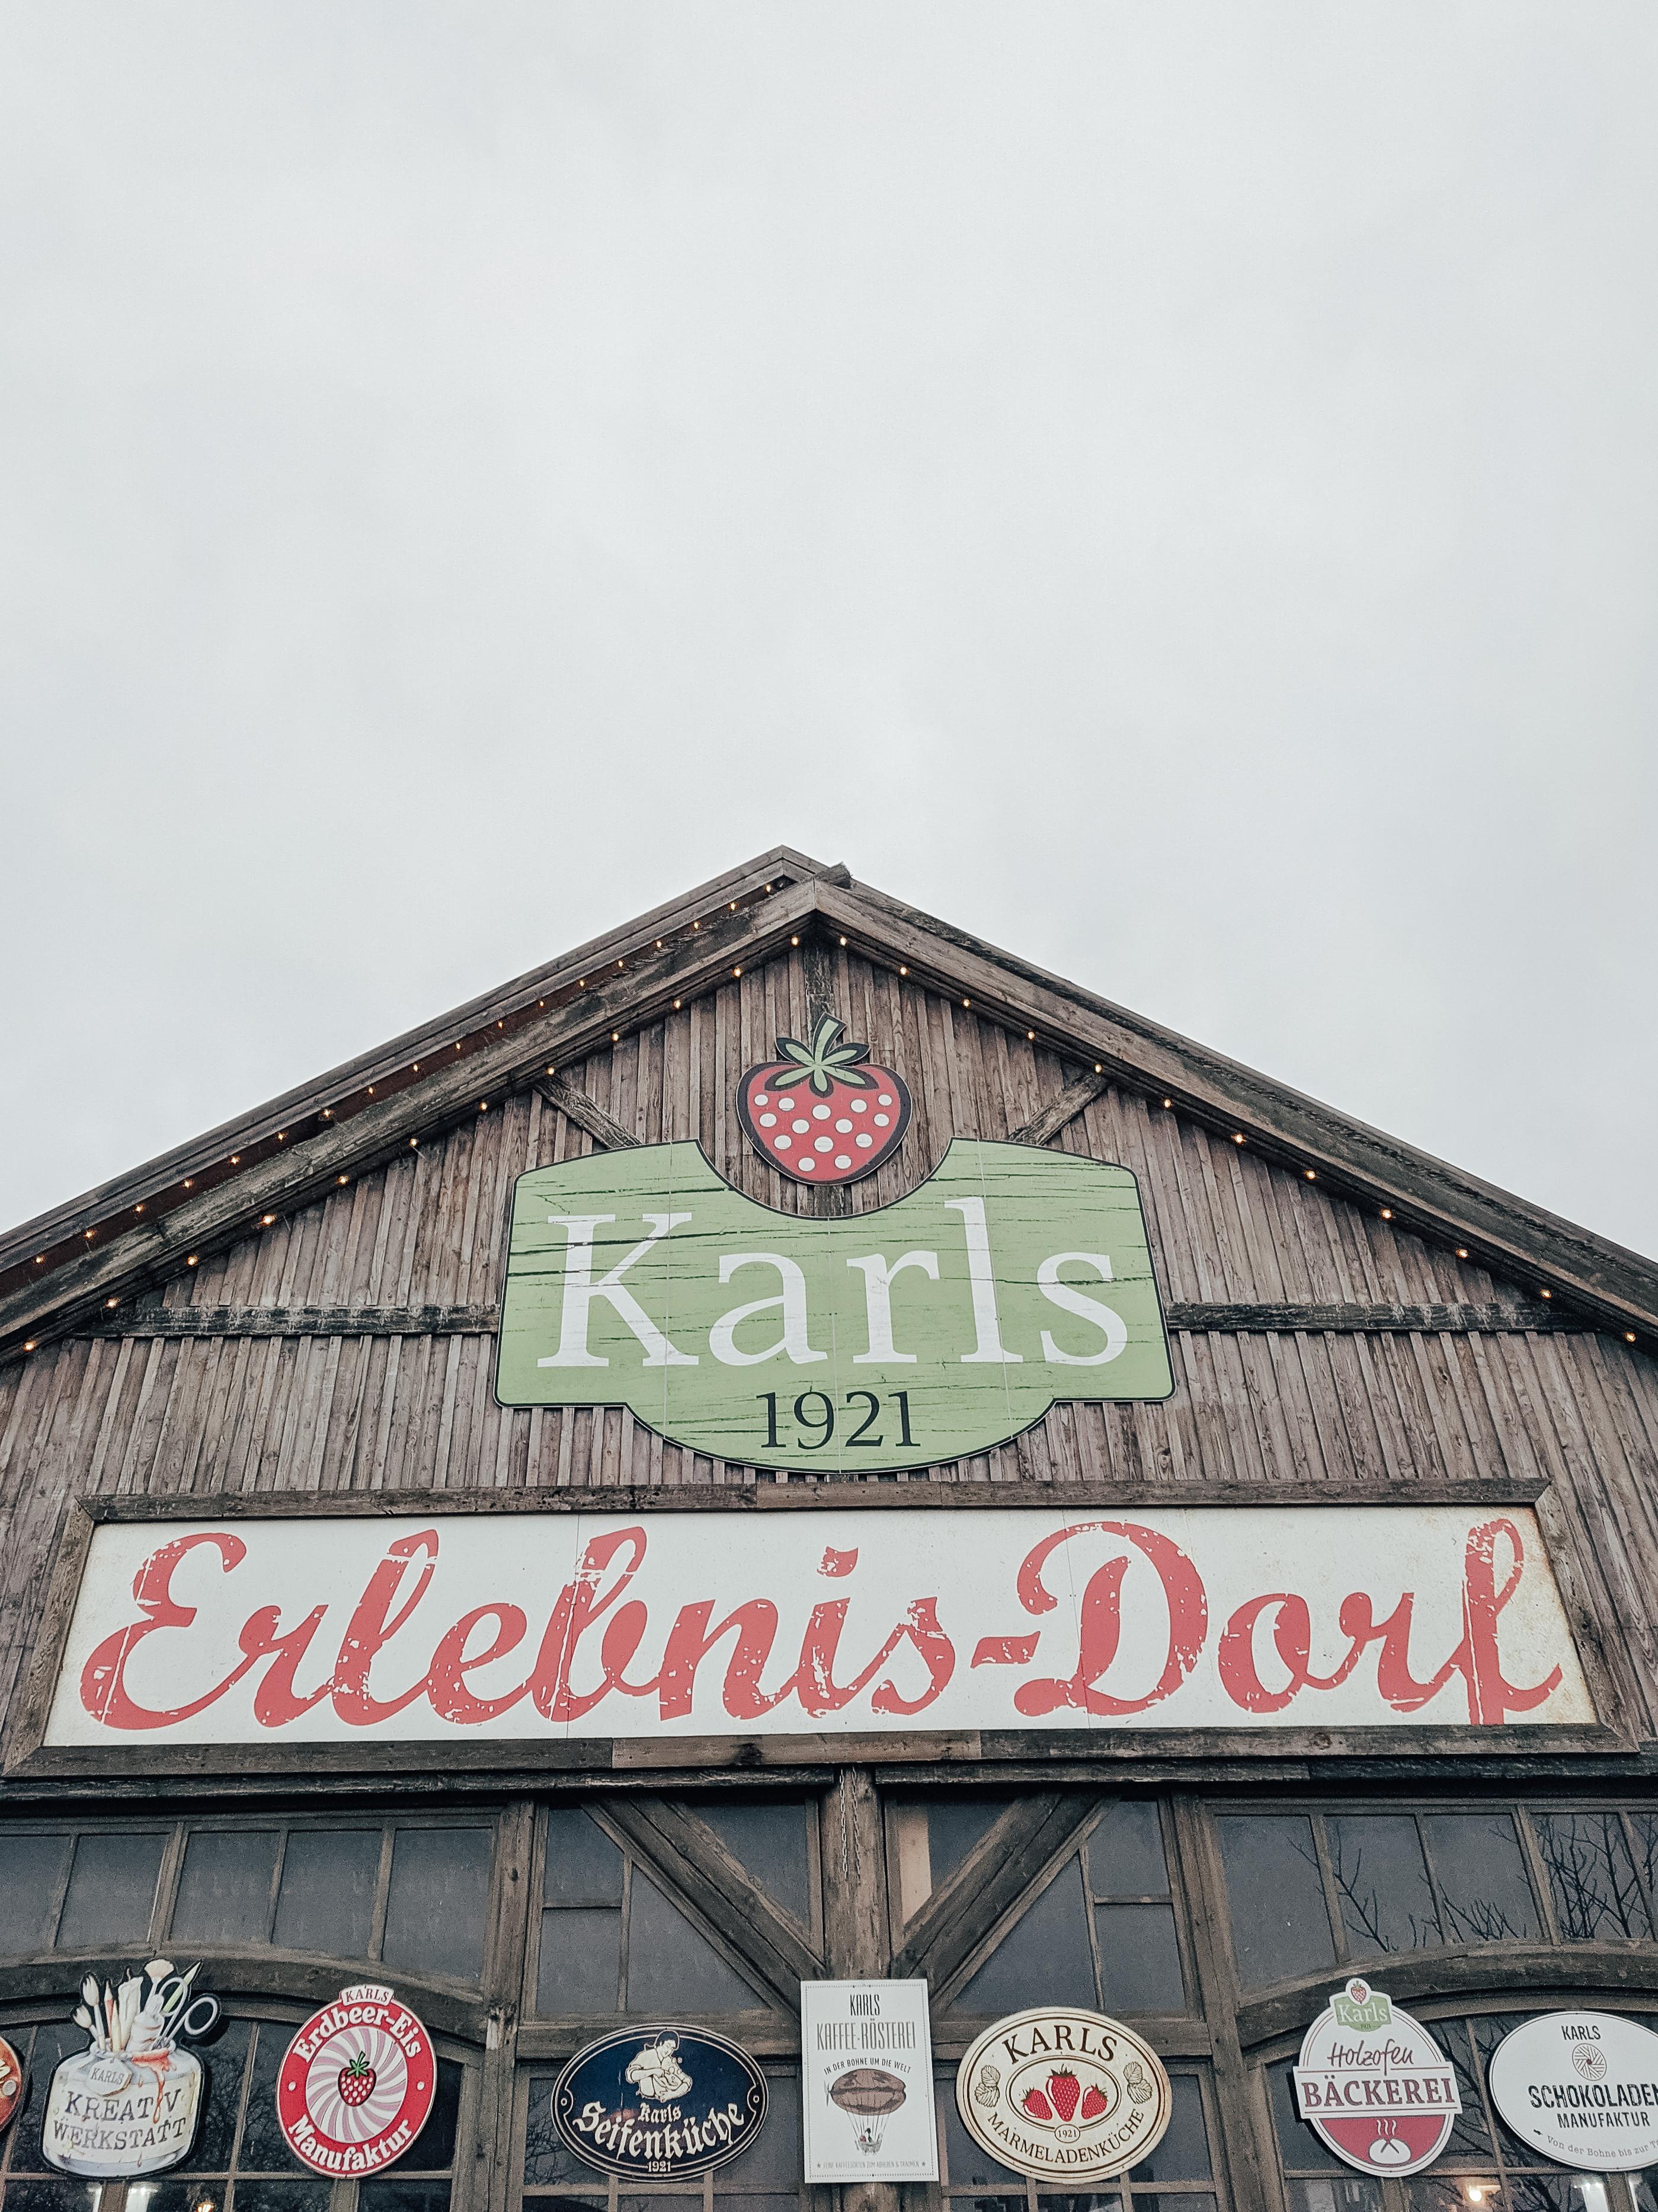 Karl's Erlebnis-Dorf